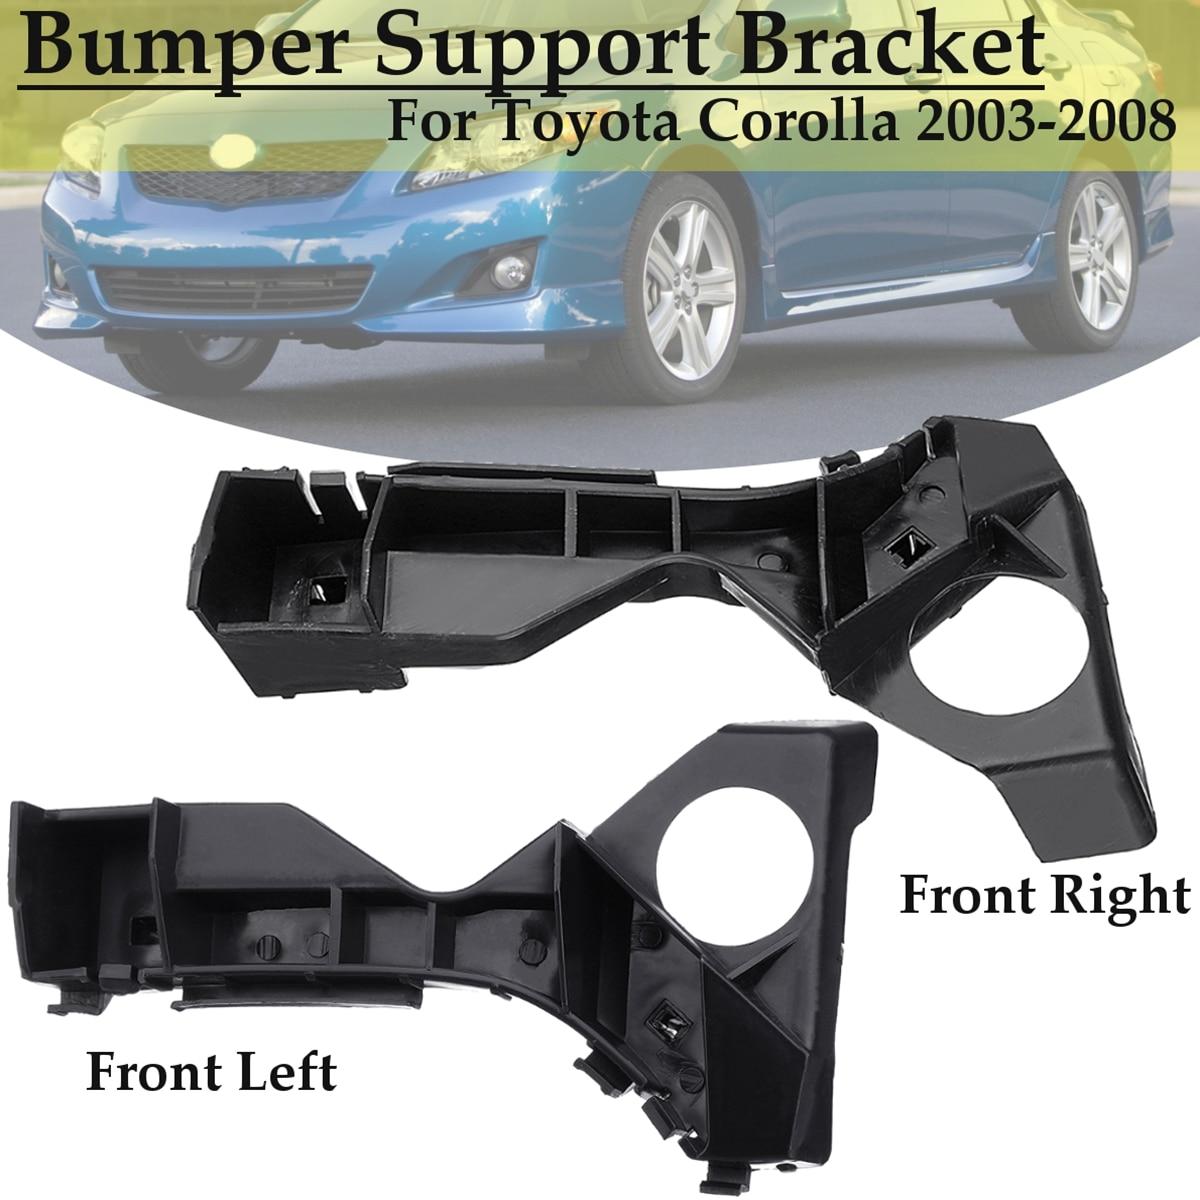 Przednia prawa lewy zderzak Spacer uchwyt czarny dla Toyota Corolla 2003 2004 2005 2006 2007 2008 5211602061 TO1066142